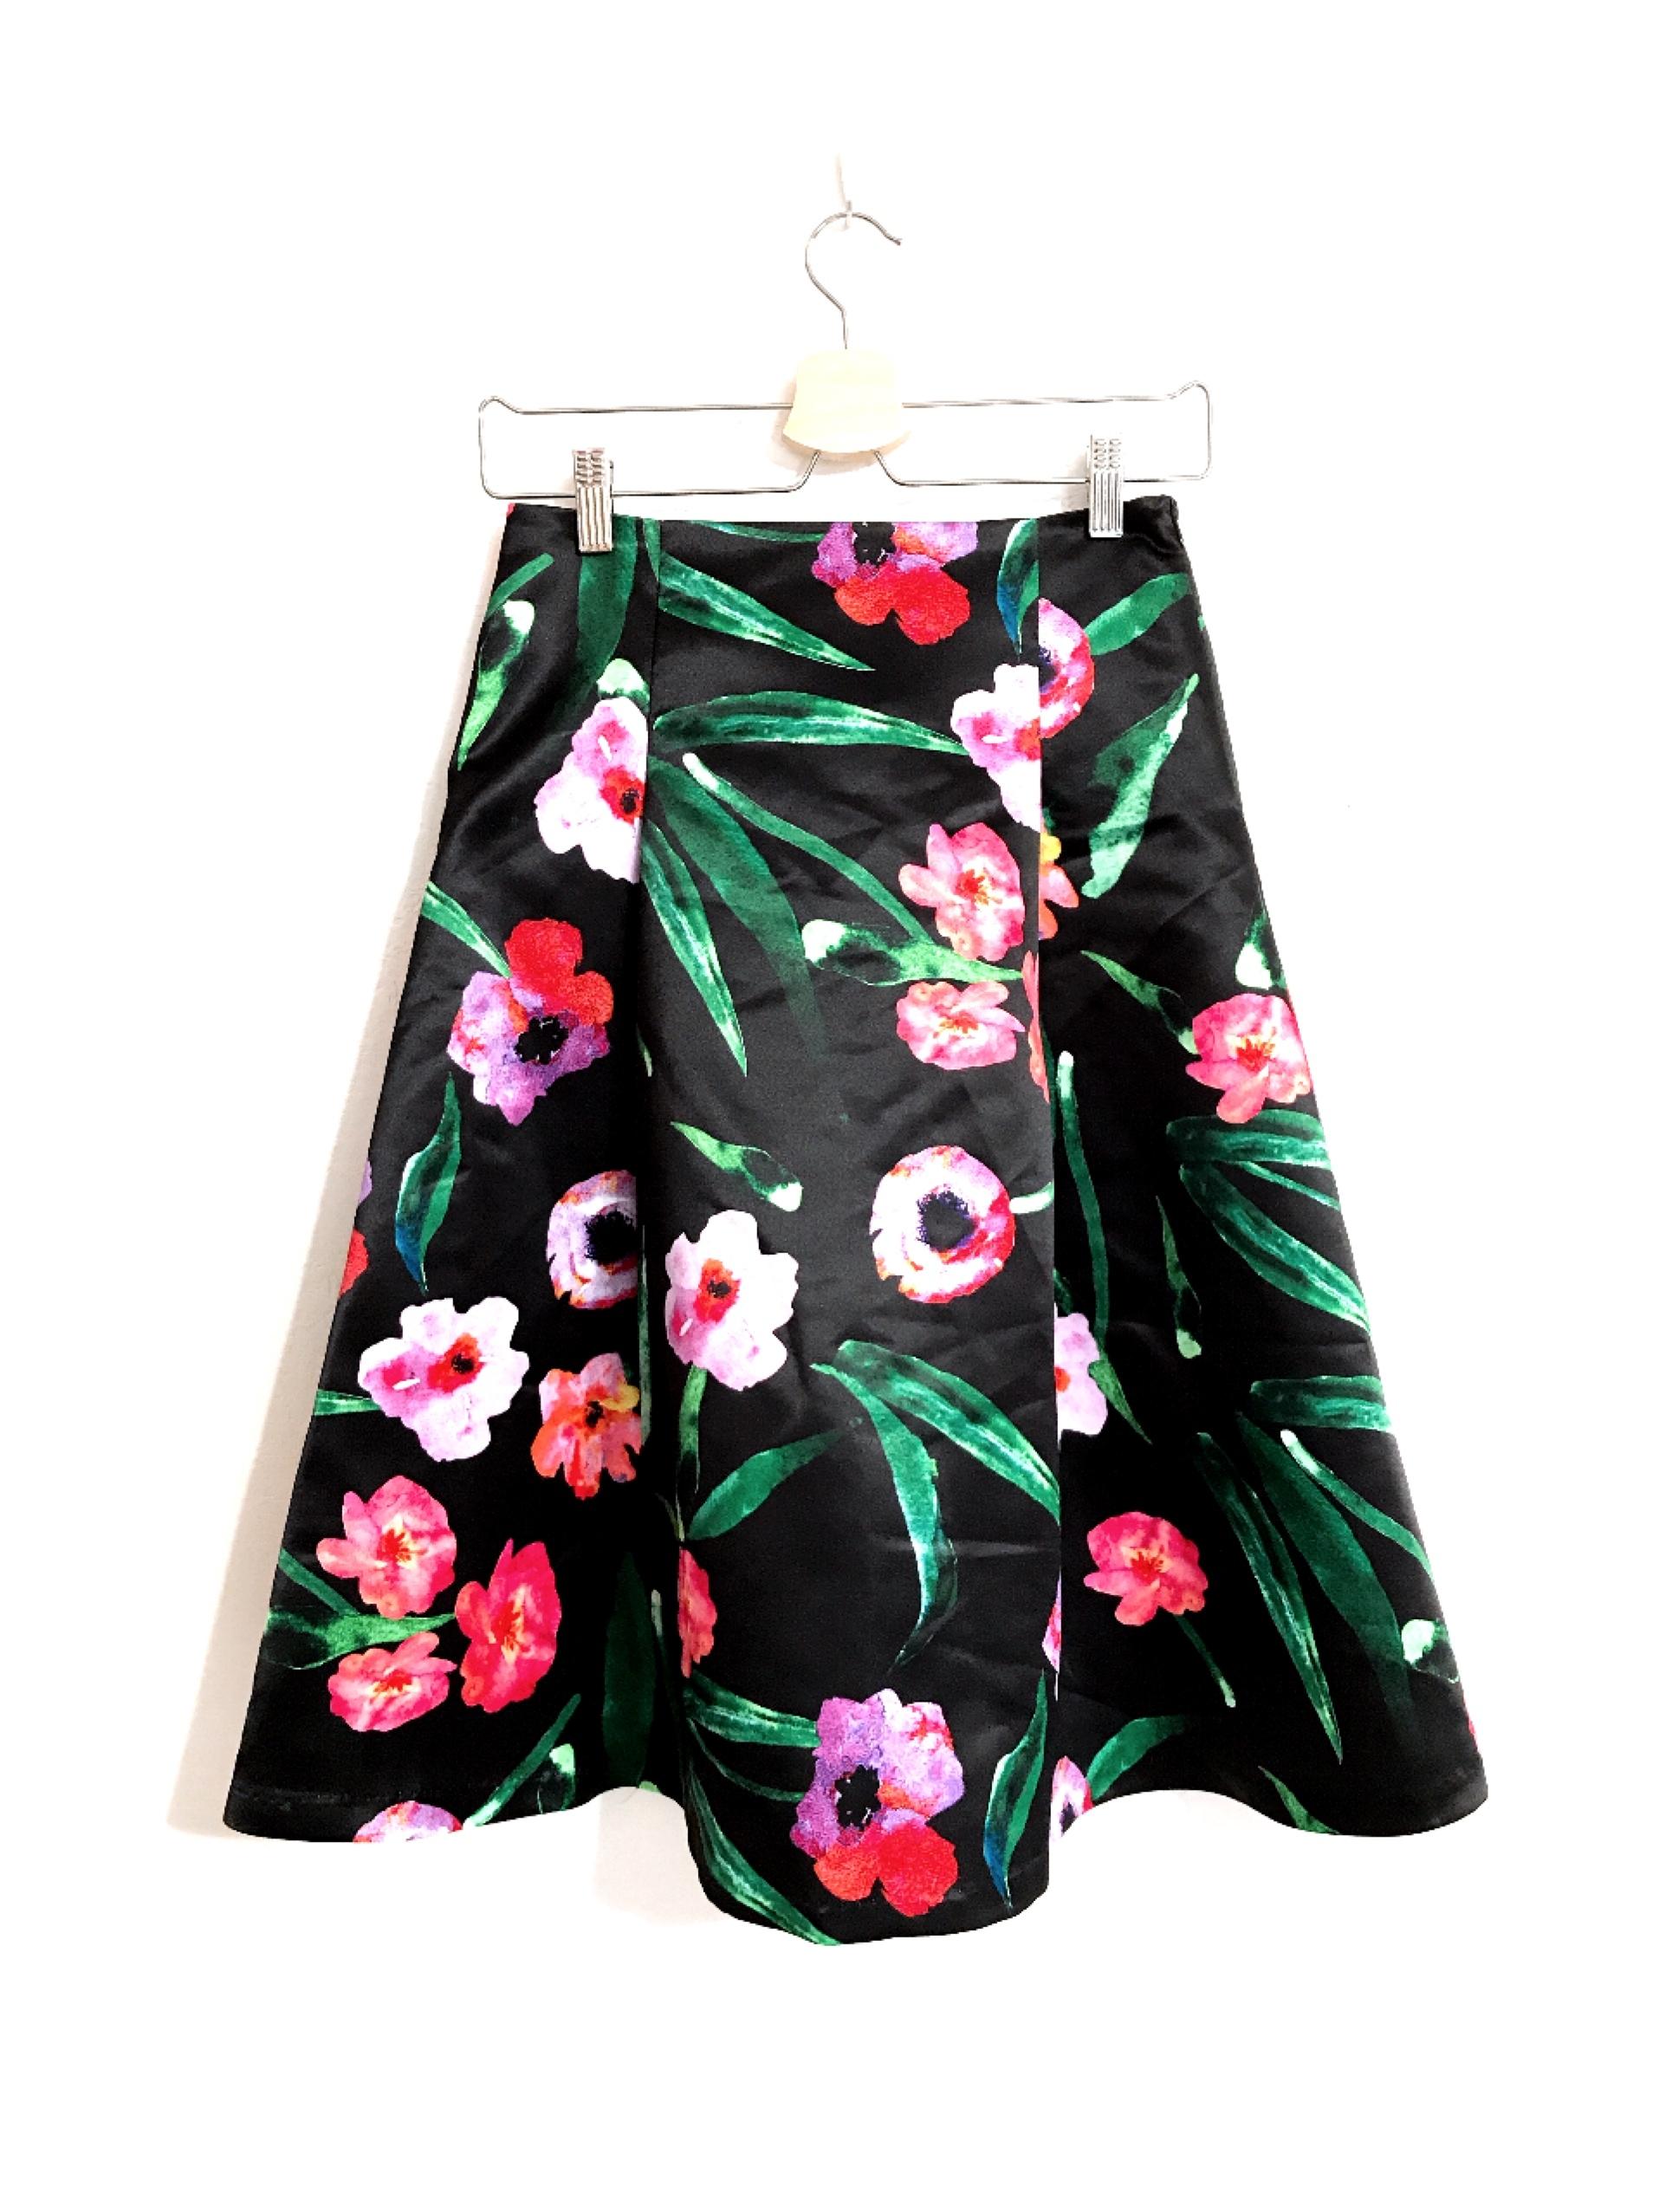 サテン生地の可愛いお花柄スカート ブラック